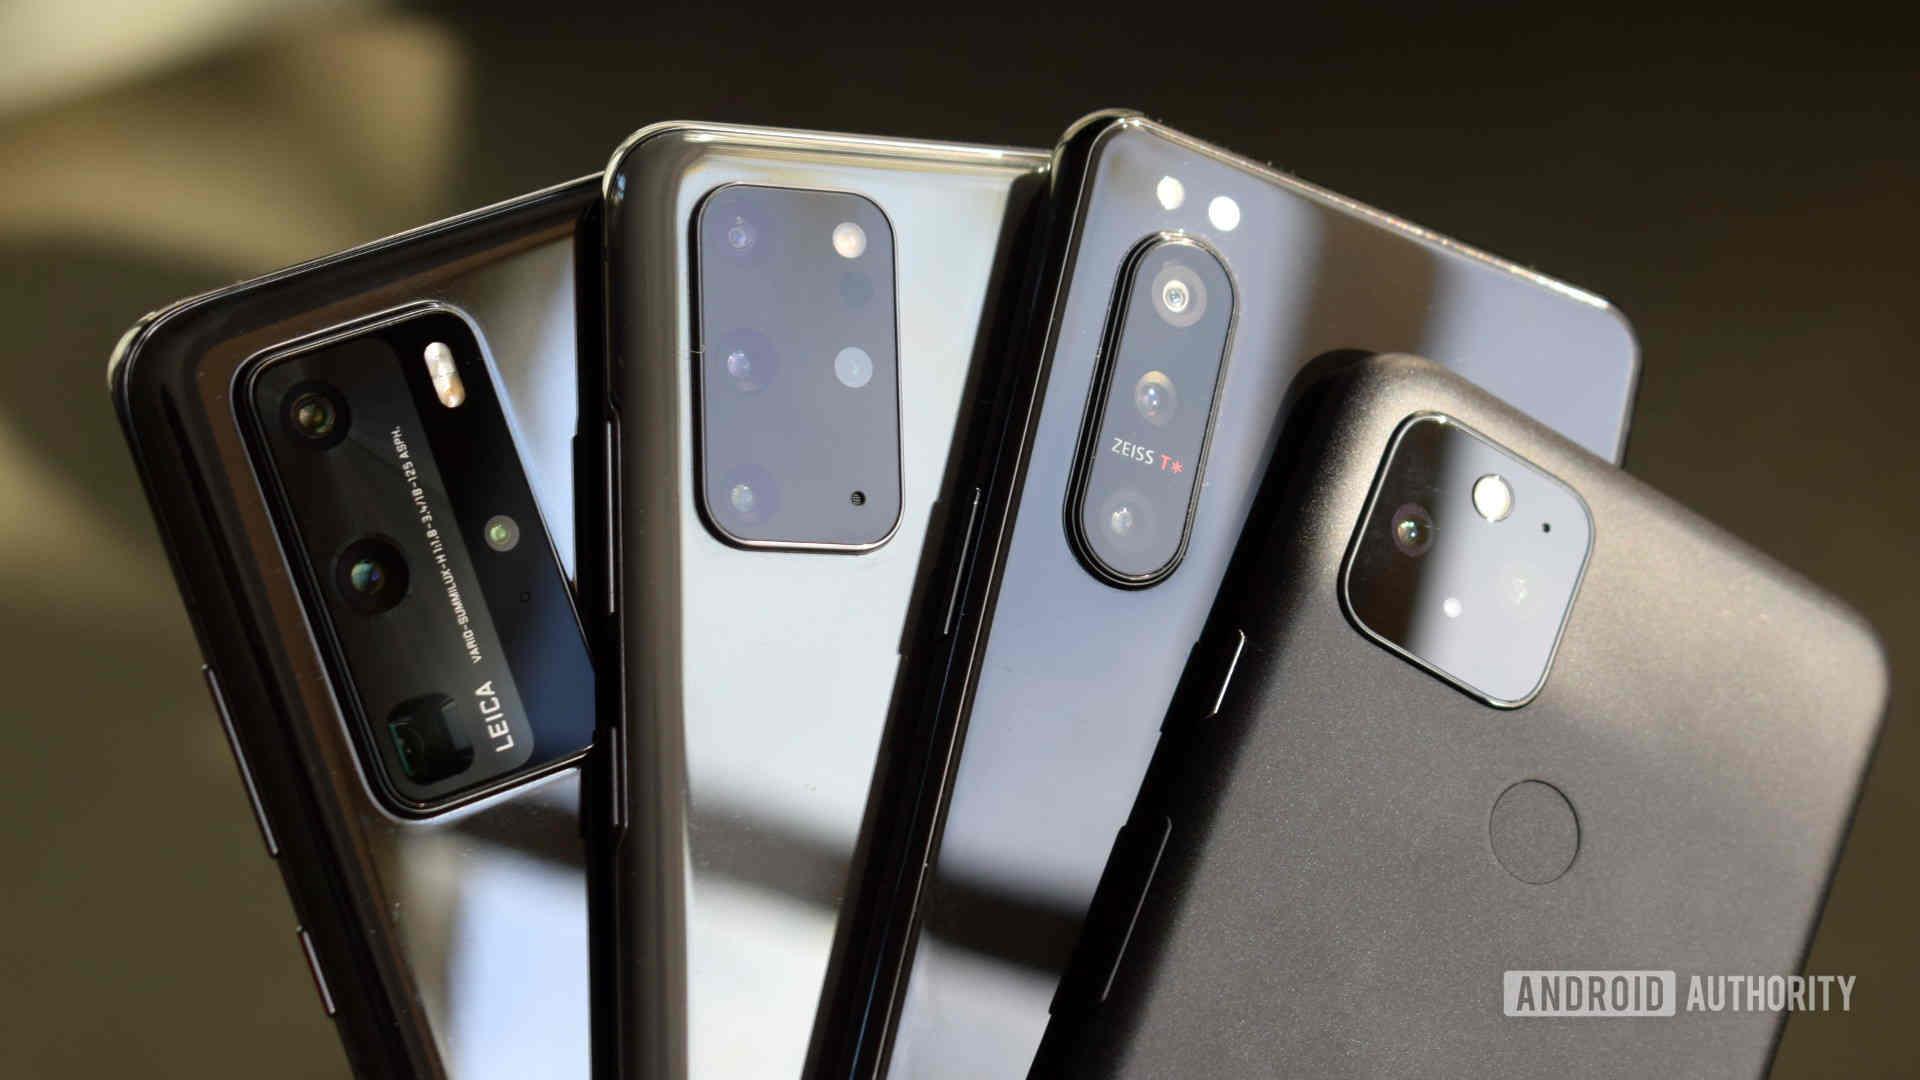 """Đọ camera trên smartphone đầu bảng 2019 và 2020: có phải nhiếp ảnh di động đang """"dậm chân tại chỗ""""?"""